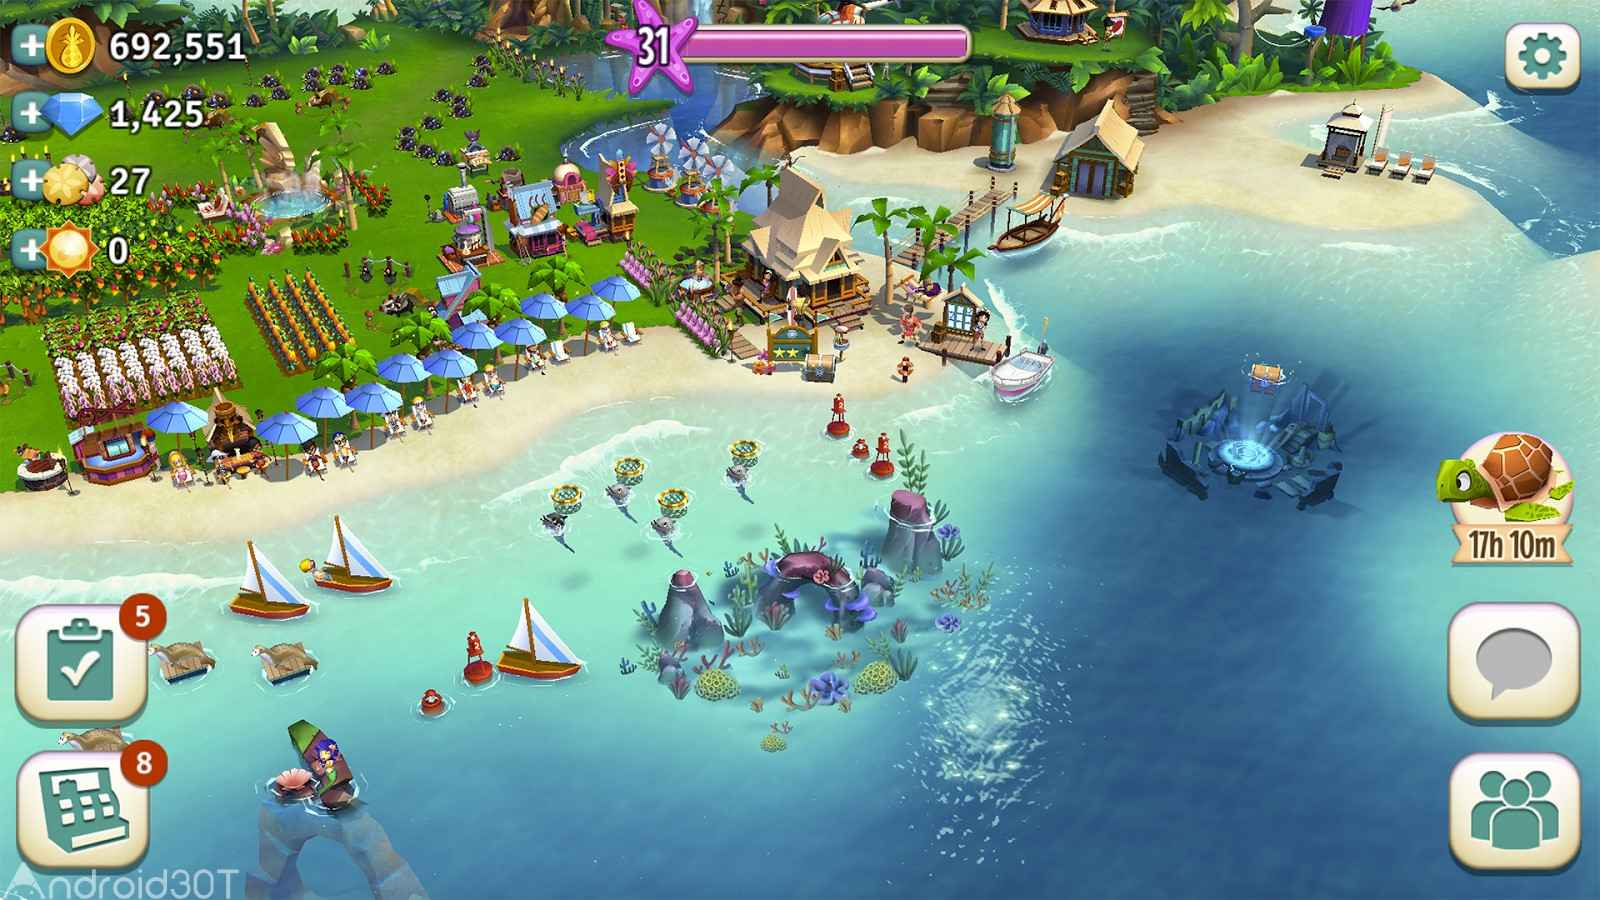 دانلود FarmVille: Tropic Escape v1.103.7524 – بازی ساخت و پرورش جزیره اندروید